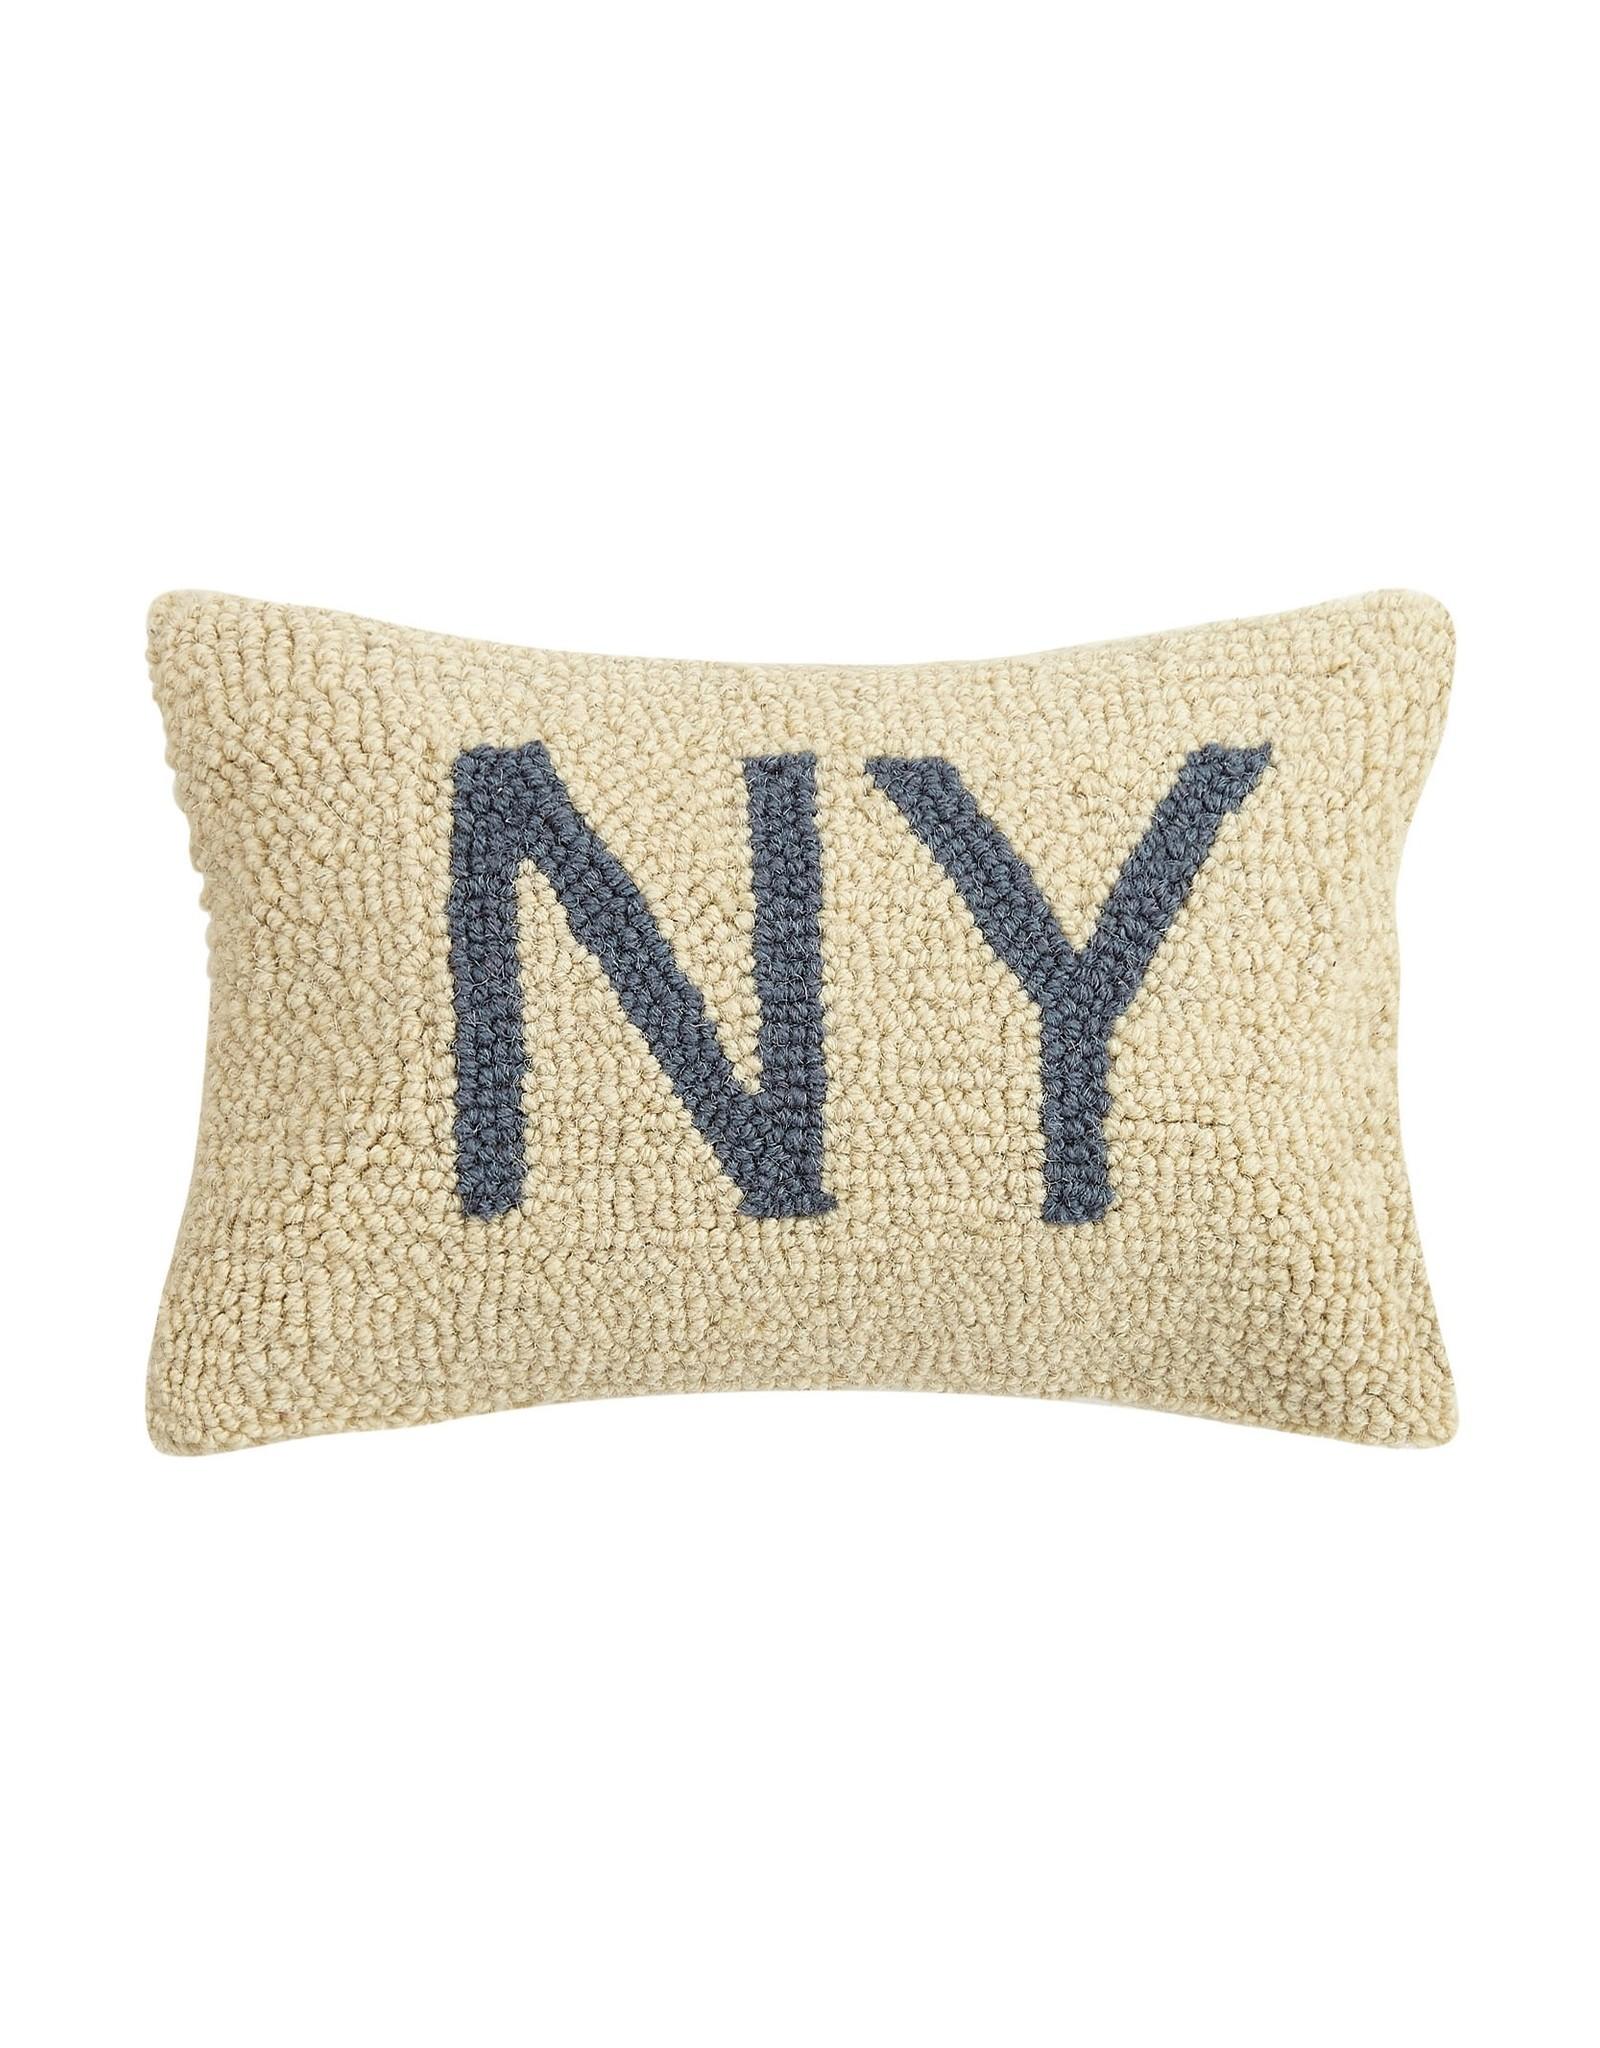 Peking Handcraft Pillow: NY 8x12